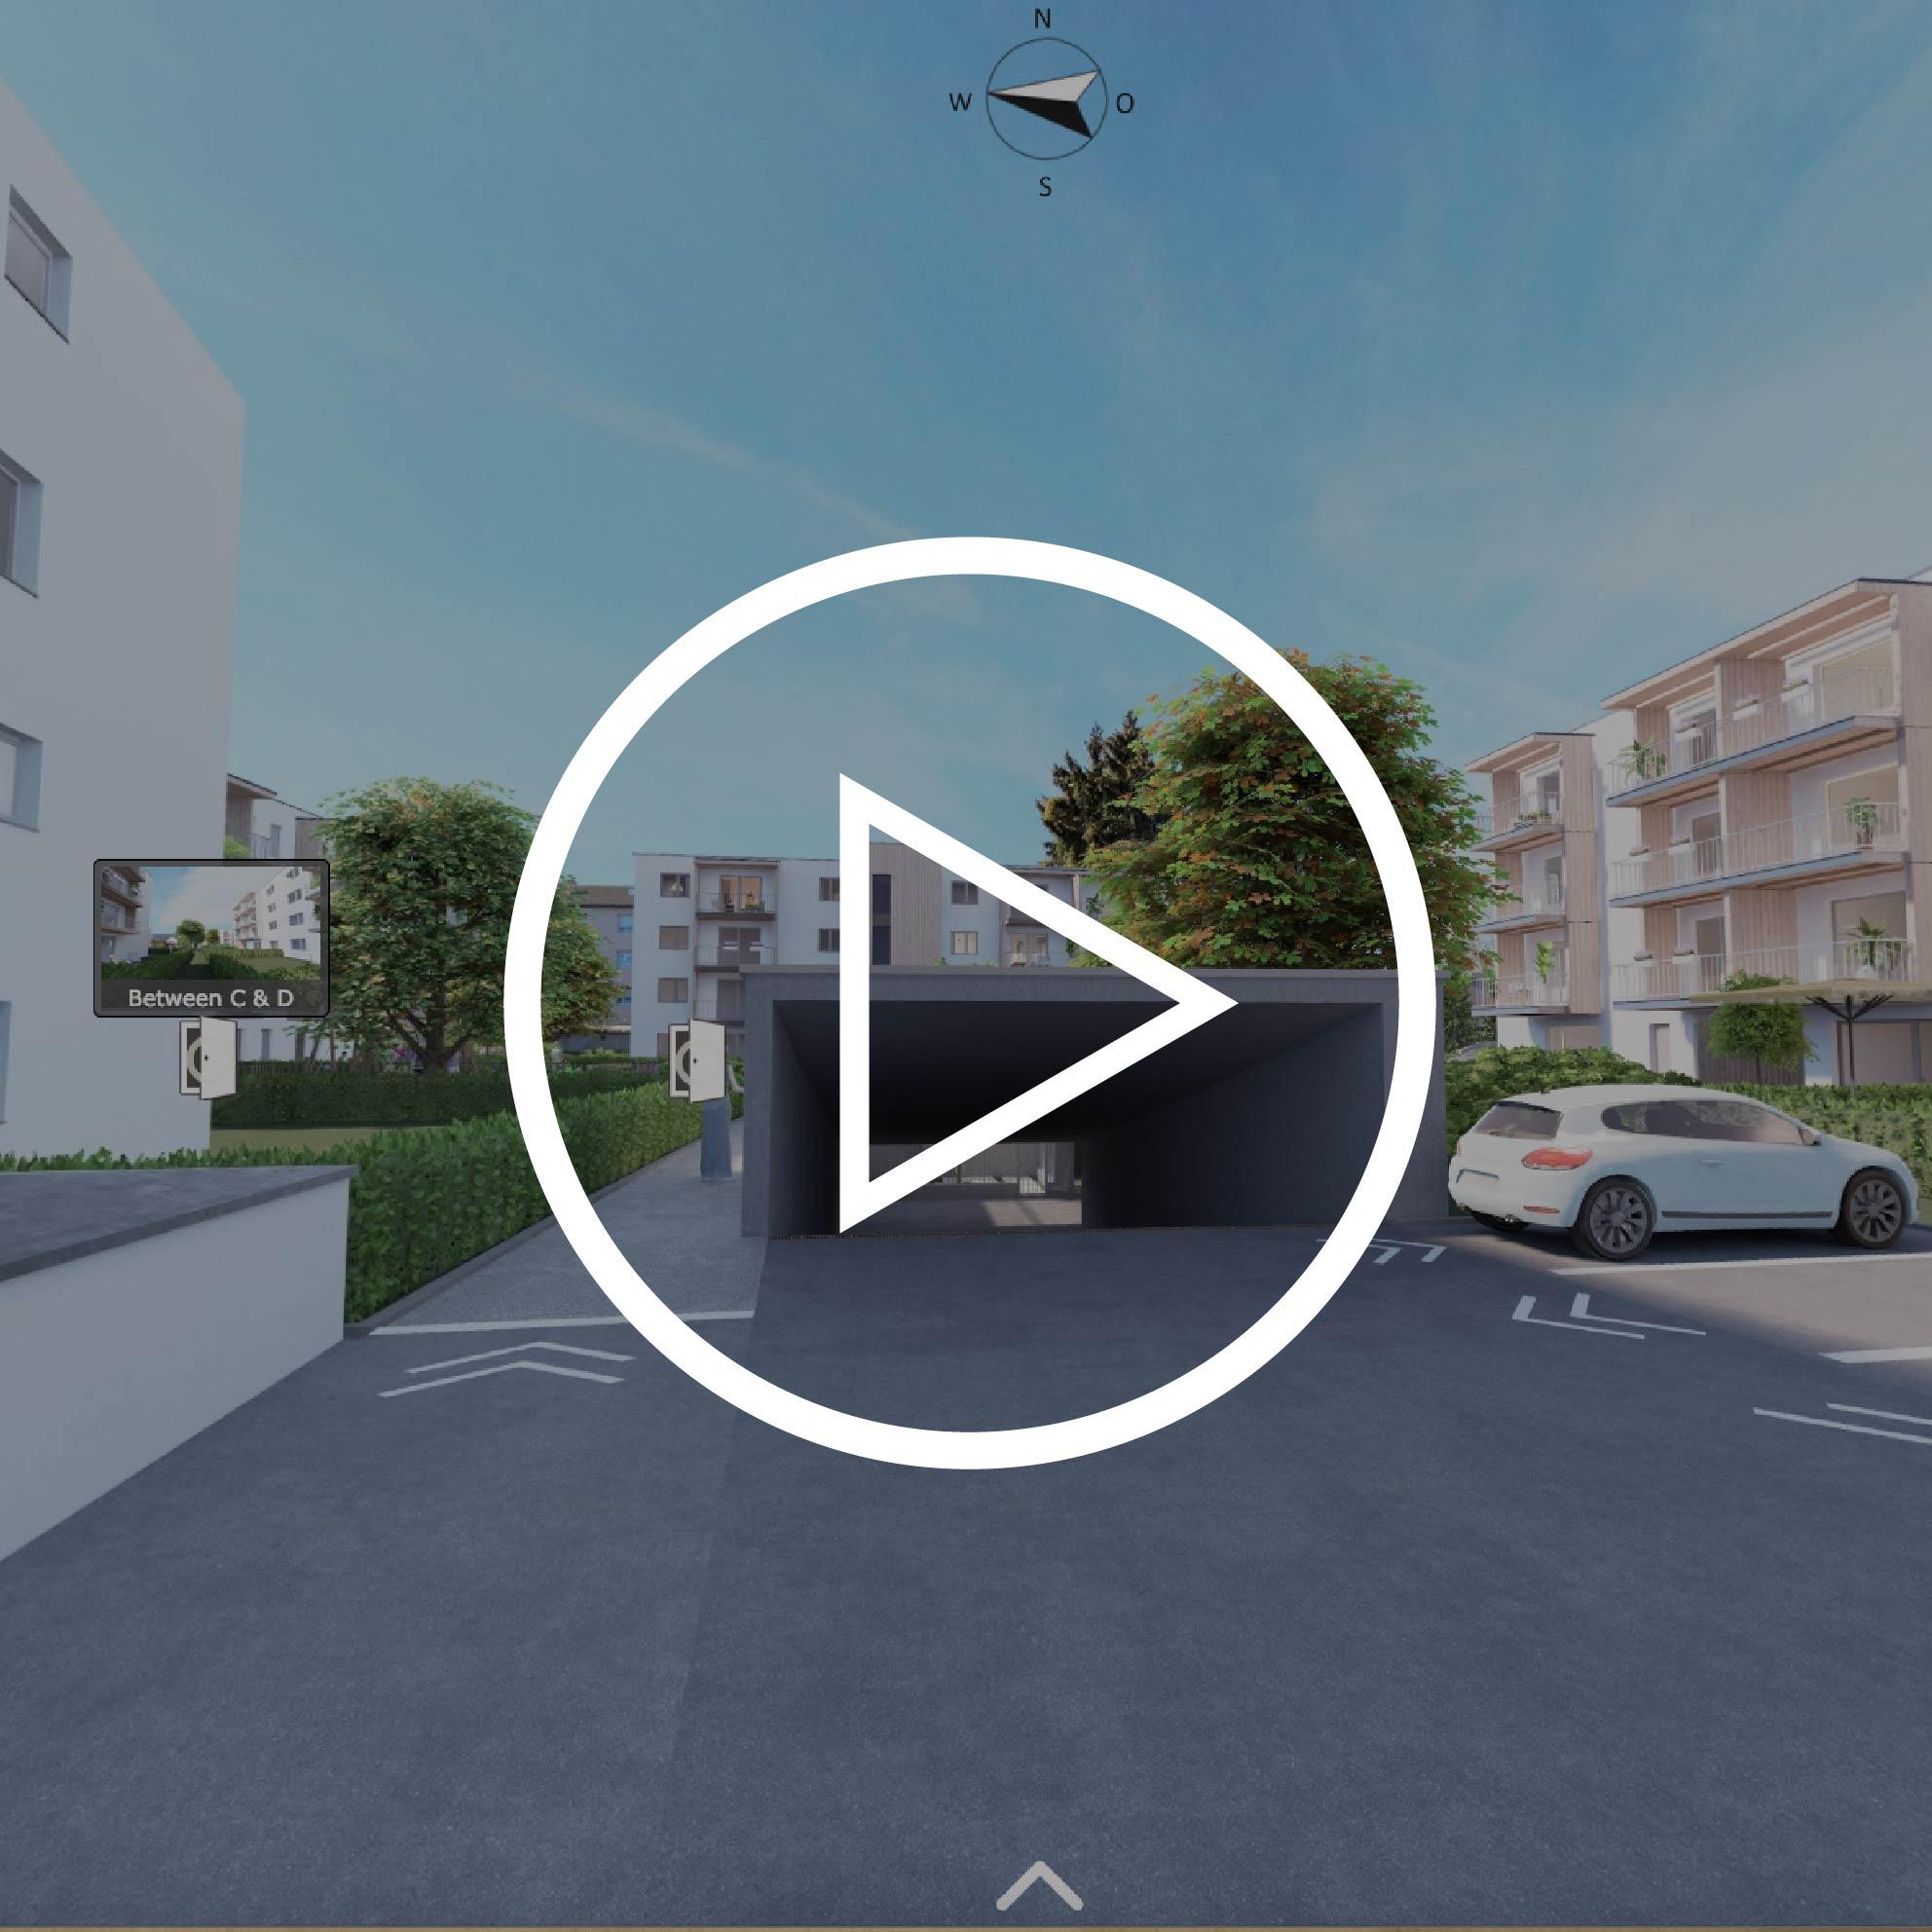 Aussenansicht Projekt Villach mit Playbutton zur Weiterleitung 3D Rundgang